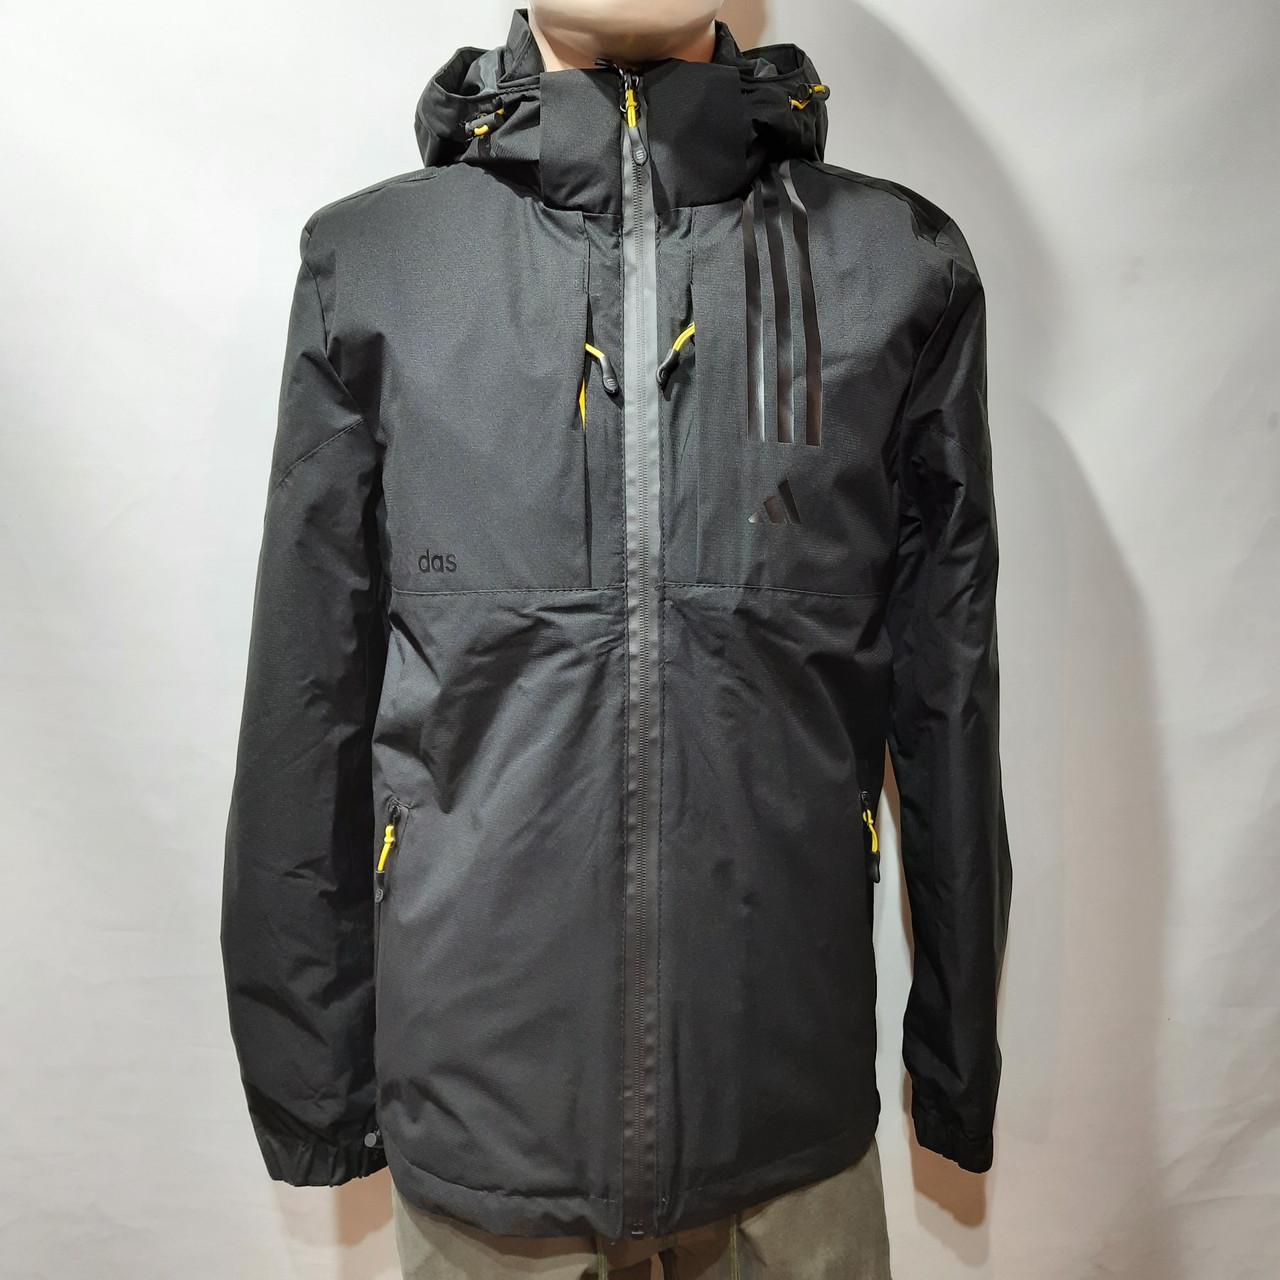 L,XXL р. Чоловіча куртка весняна Adidas Адідас репліка демісезонна чорна